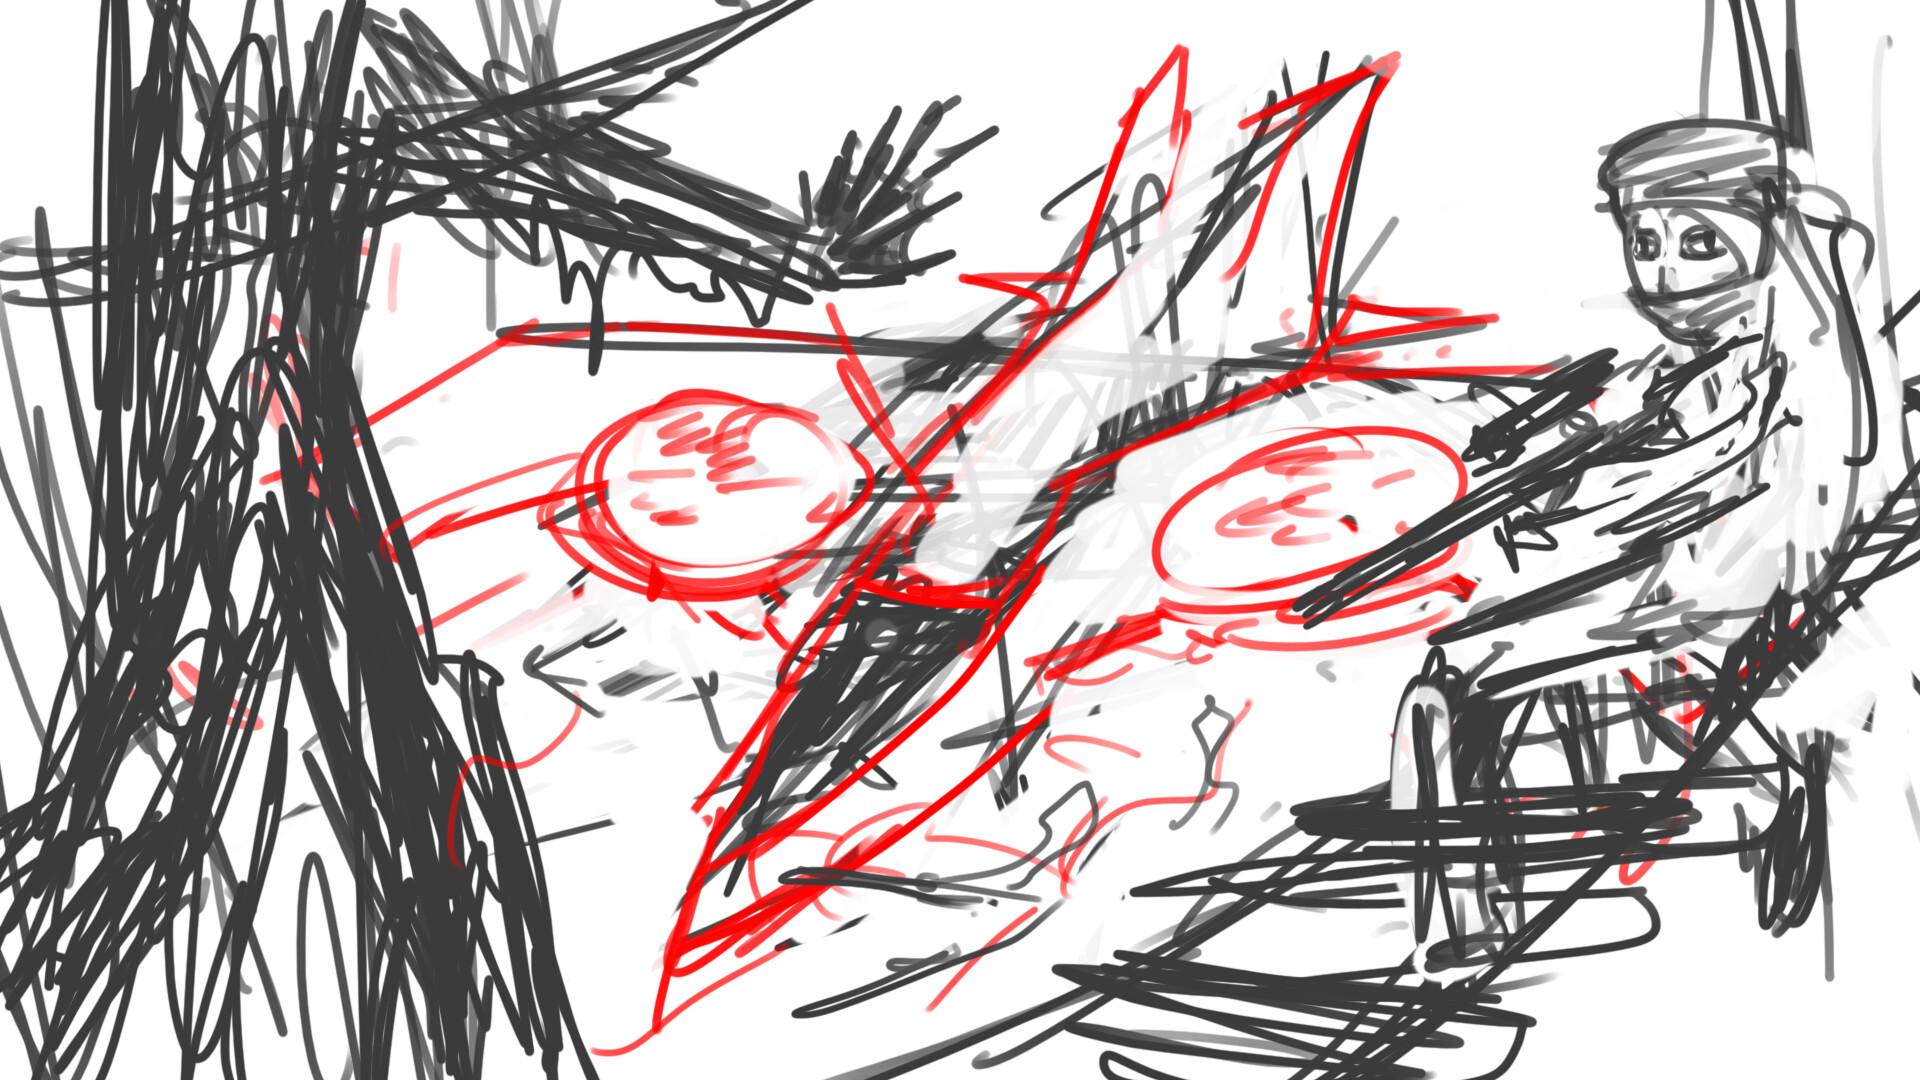 Alexander laheij drawing10 54